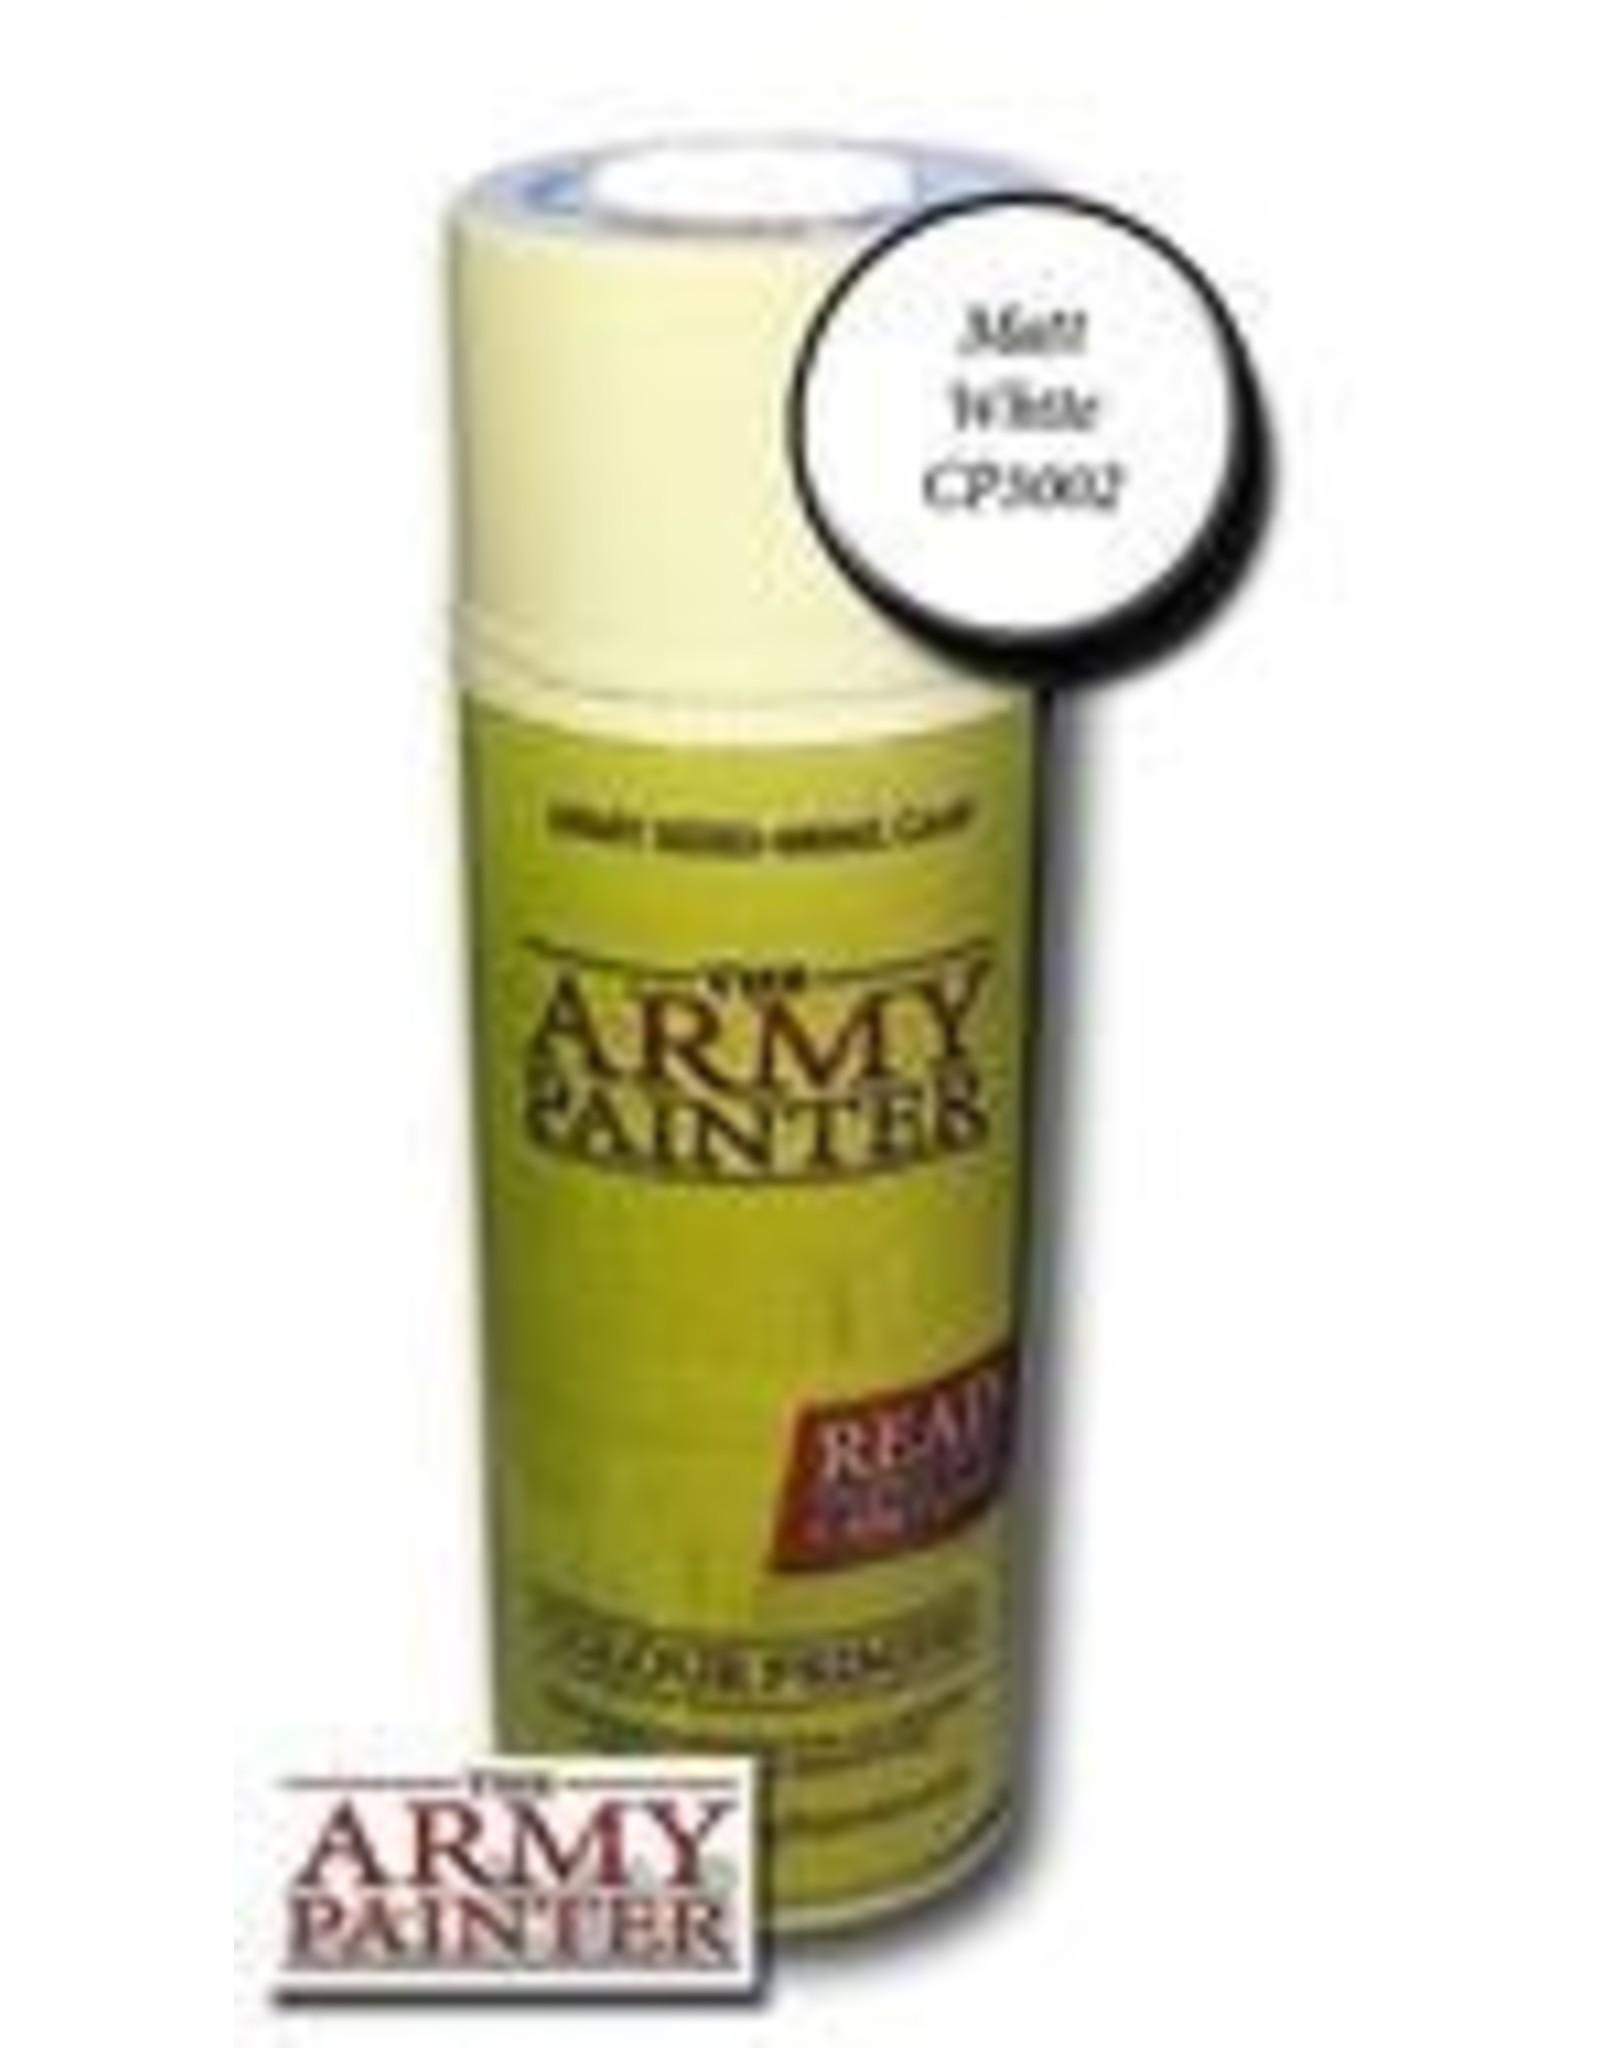 Army Painter Base Primer: Matte White